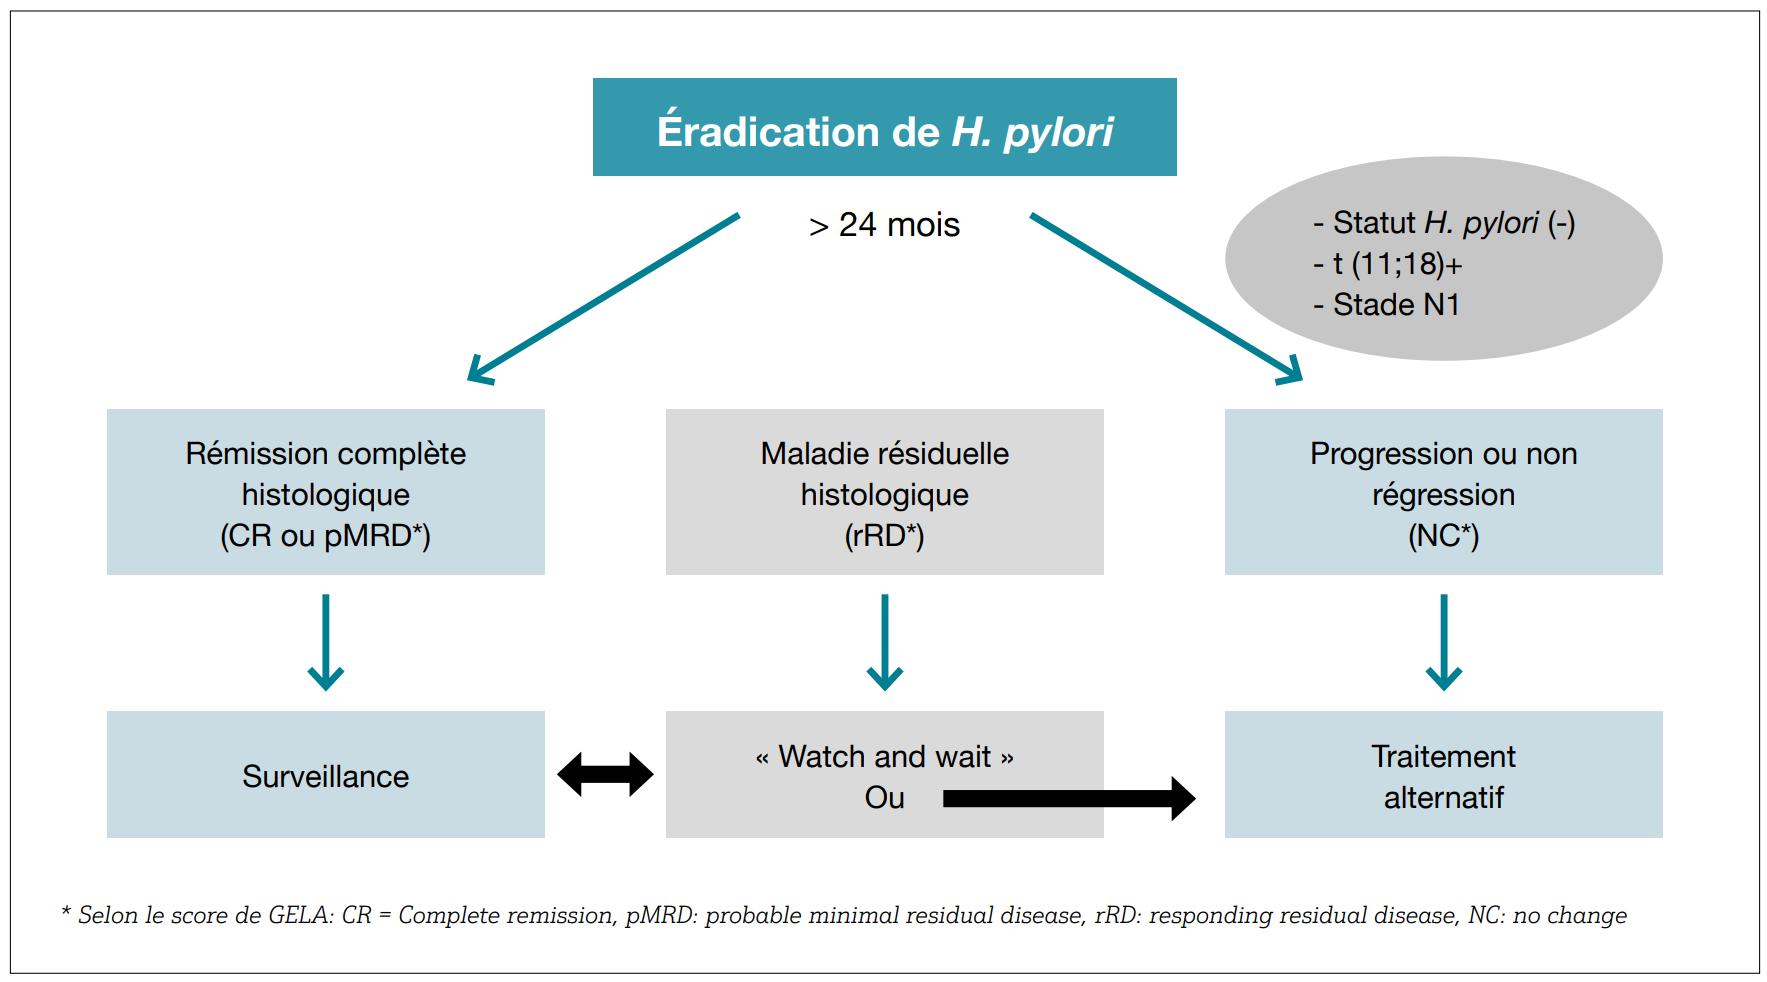 Schéma éradication lymphomes MALT par H. pylori